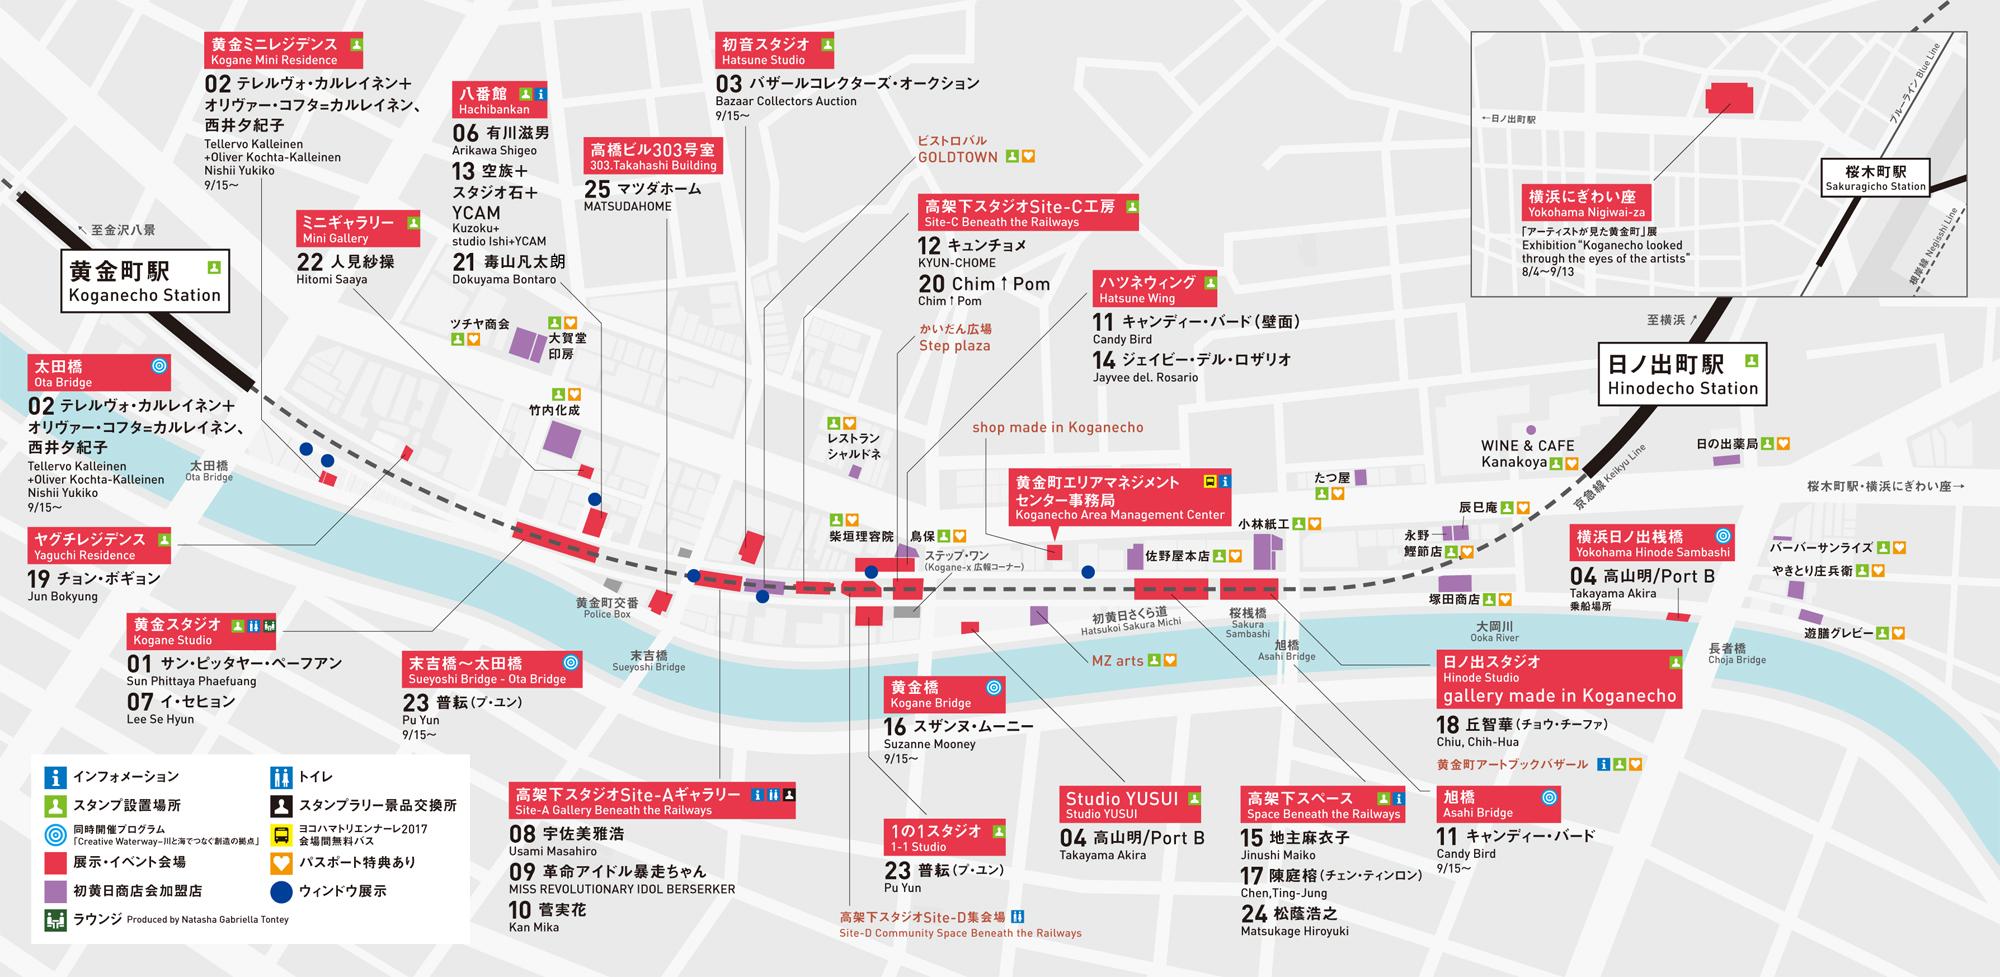 黄金町バザール2017 会場マップ